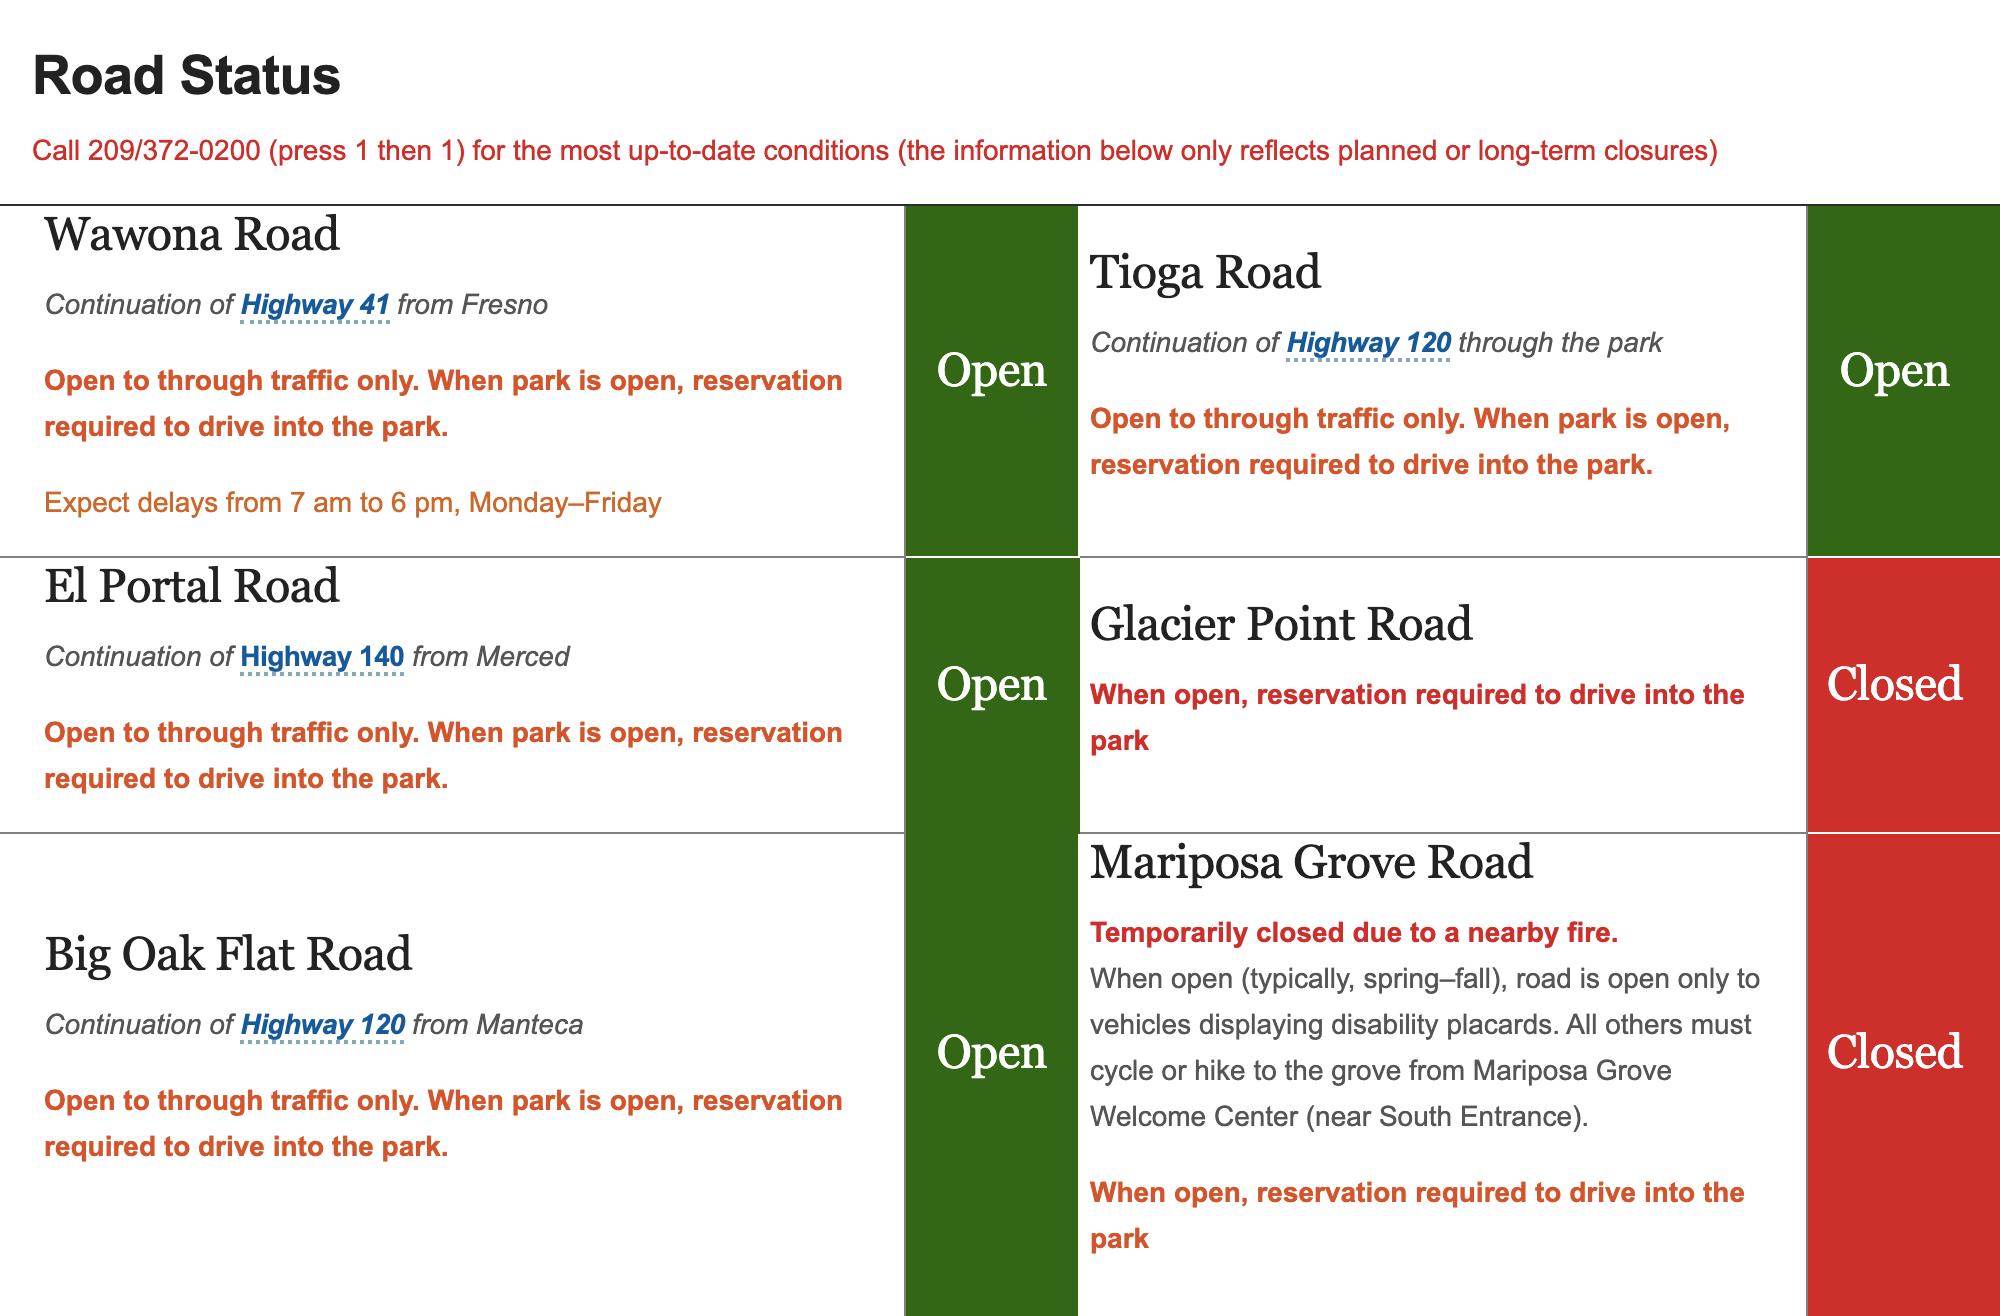 На официальном сайте национальных парков вСША указано, какие дороги закрыты ипочему. Например, всентябре 2020года Mariposa Grove Road была временно закрыта из-за пожаров